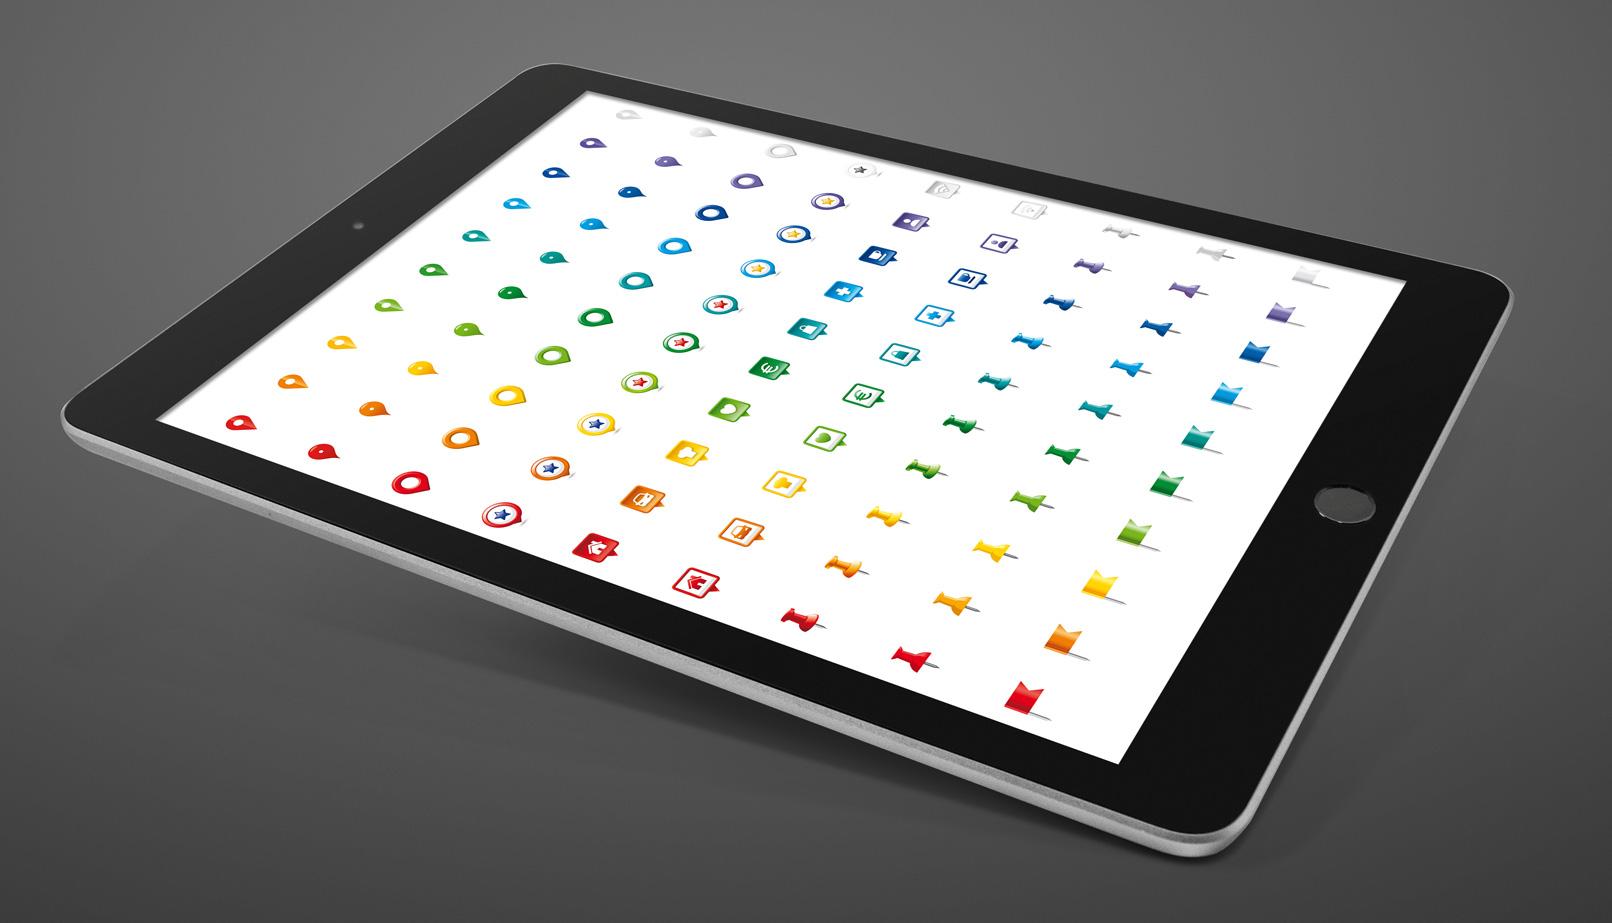 9 Icons zur Markierung von Standorten in Landkarten, je 10 Farbvarianten